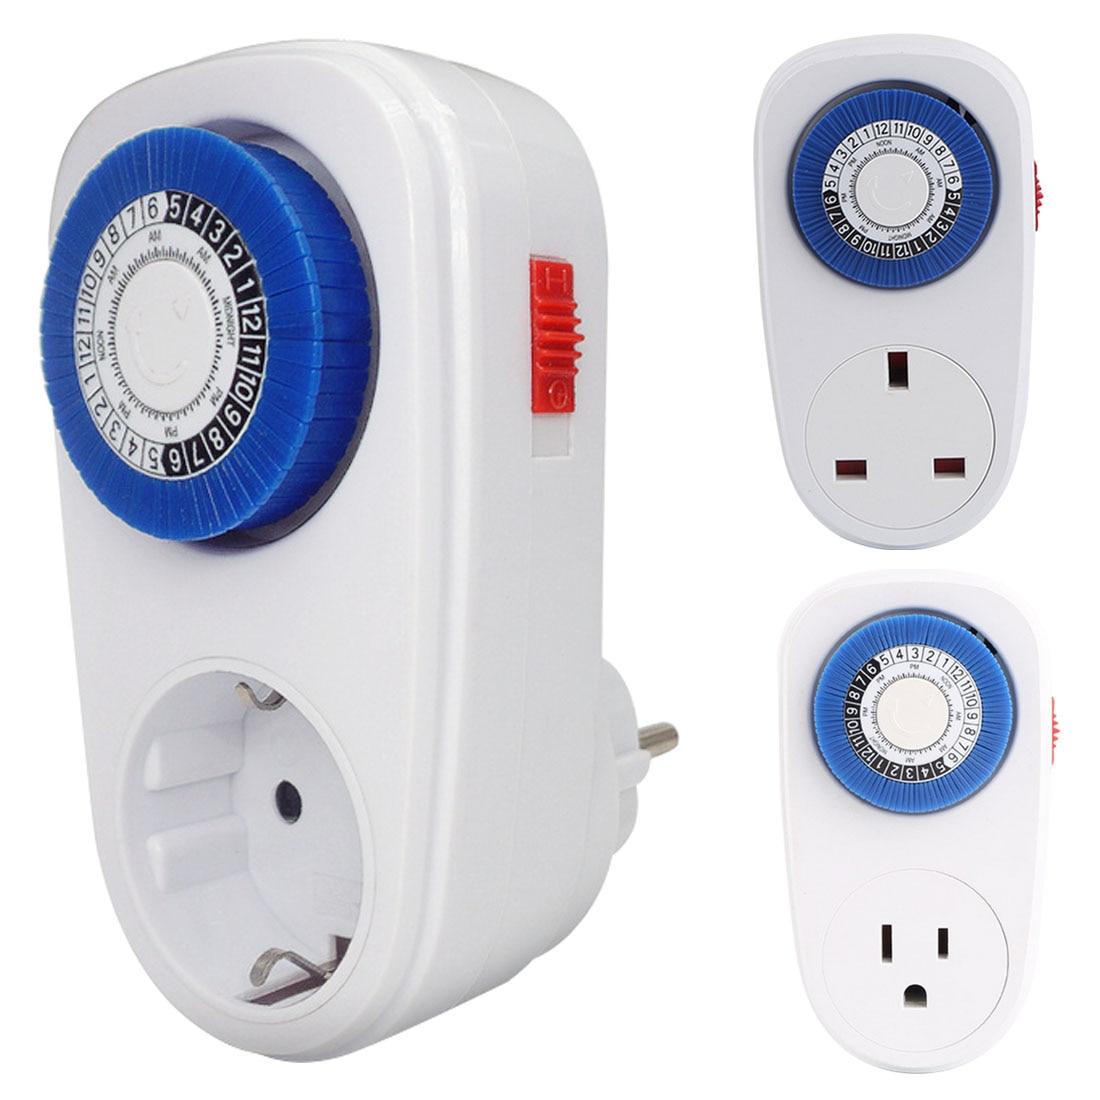 Compteur d/énergie num/érique avec r/étro/éclairage Wattm/ètre Compteur d/énergie Prise de courant Plug-in Moniteur /électrique /Écran LCD /Écran Analyseur de m/énage Blue EU plug